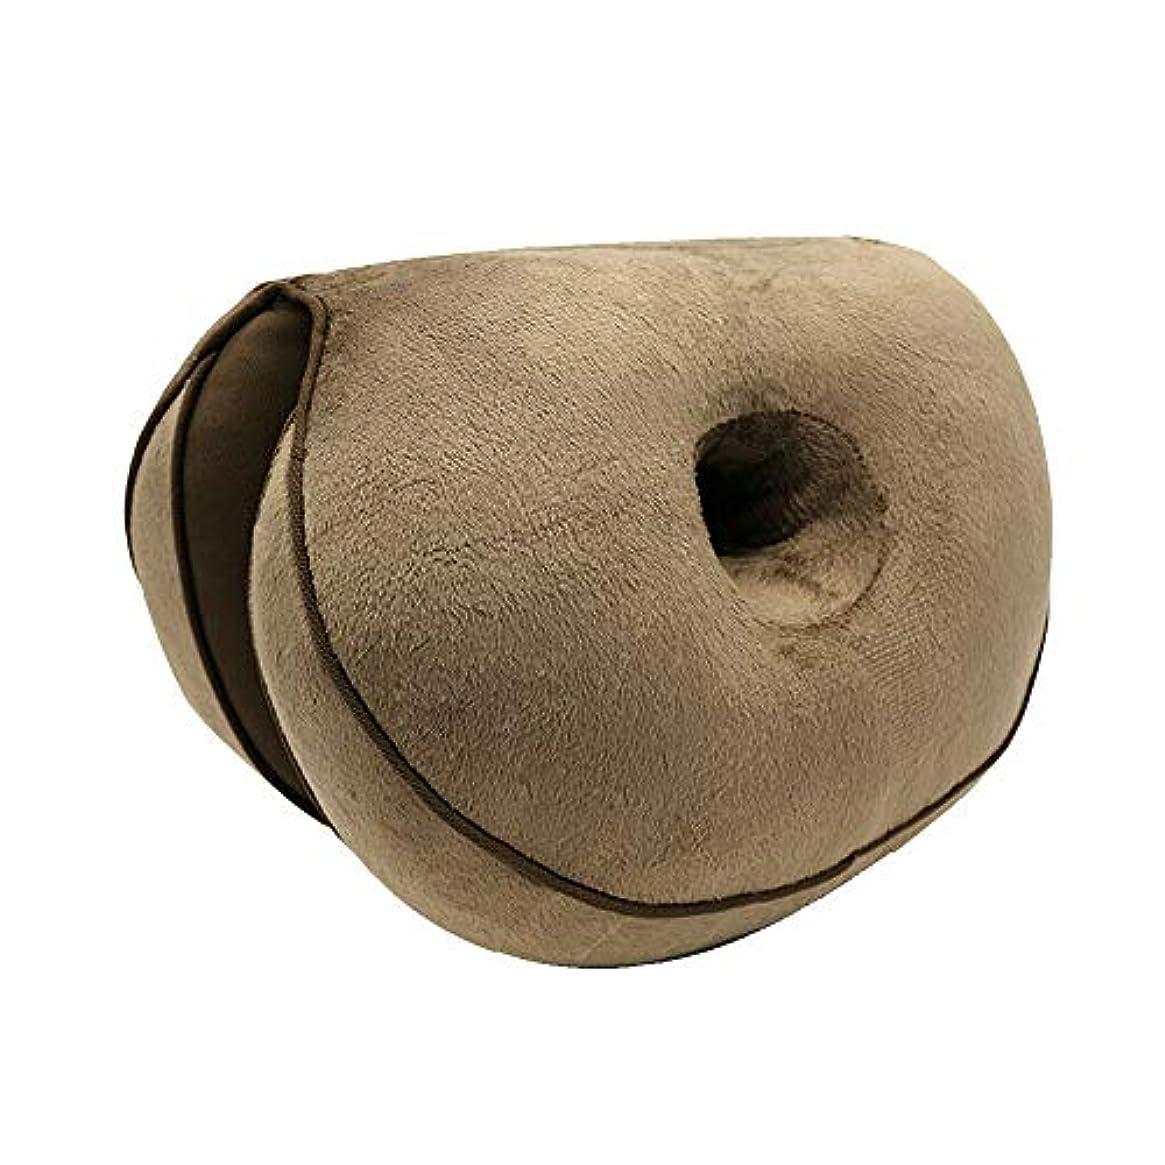 先見の明最大限脱獄LIFE 新デュアルシートクッション低反発ラテックスオフィスチェアバックシートクッション快適な臀部マットパッド枕旅行枕女性女の子 クッション 椅子